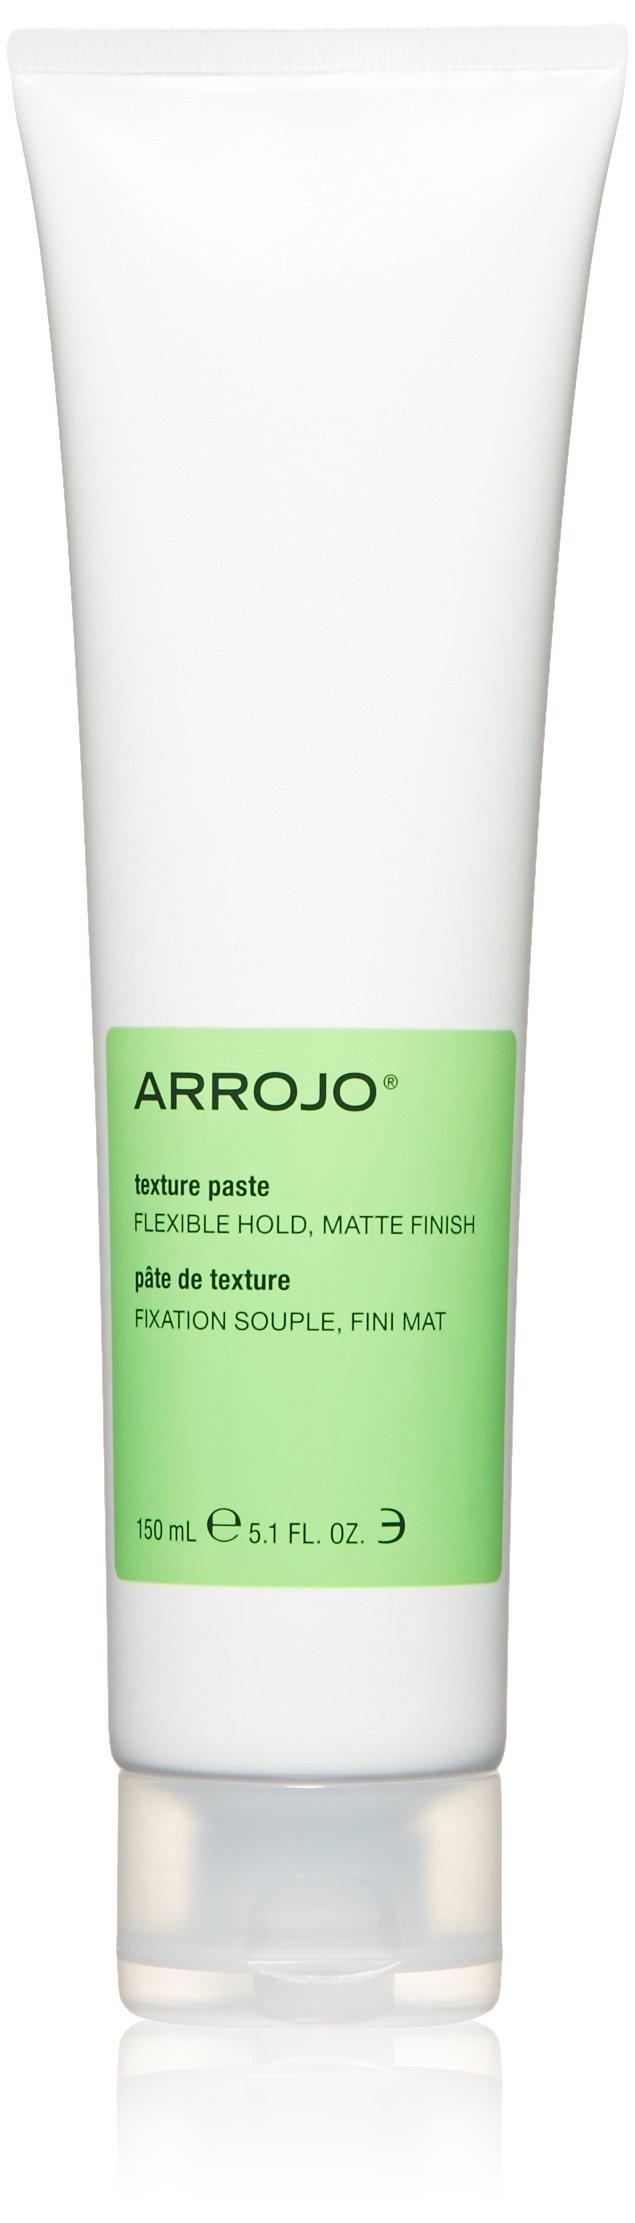 ARROJO Texture Paste, 5.1 Fl Oz